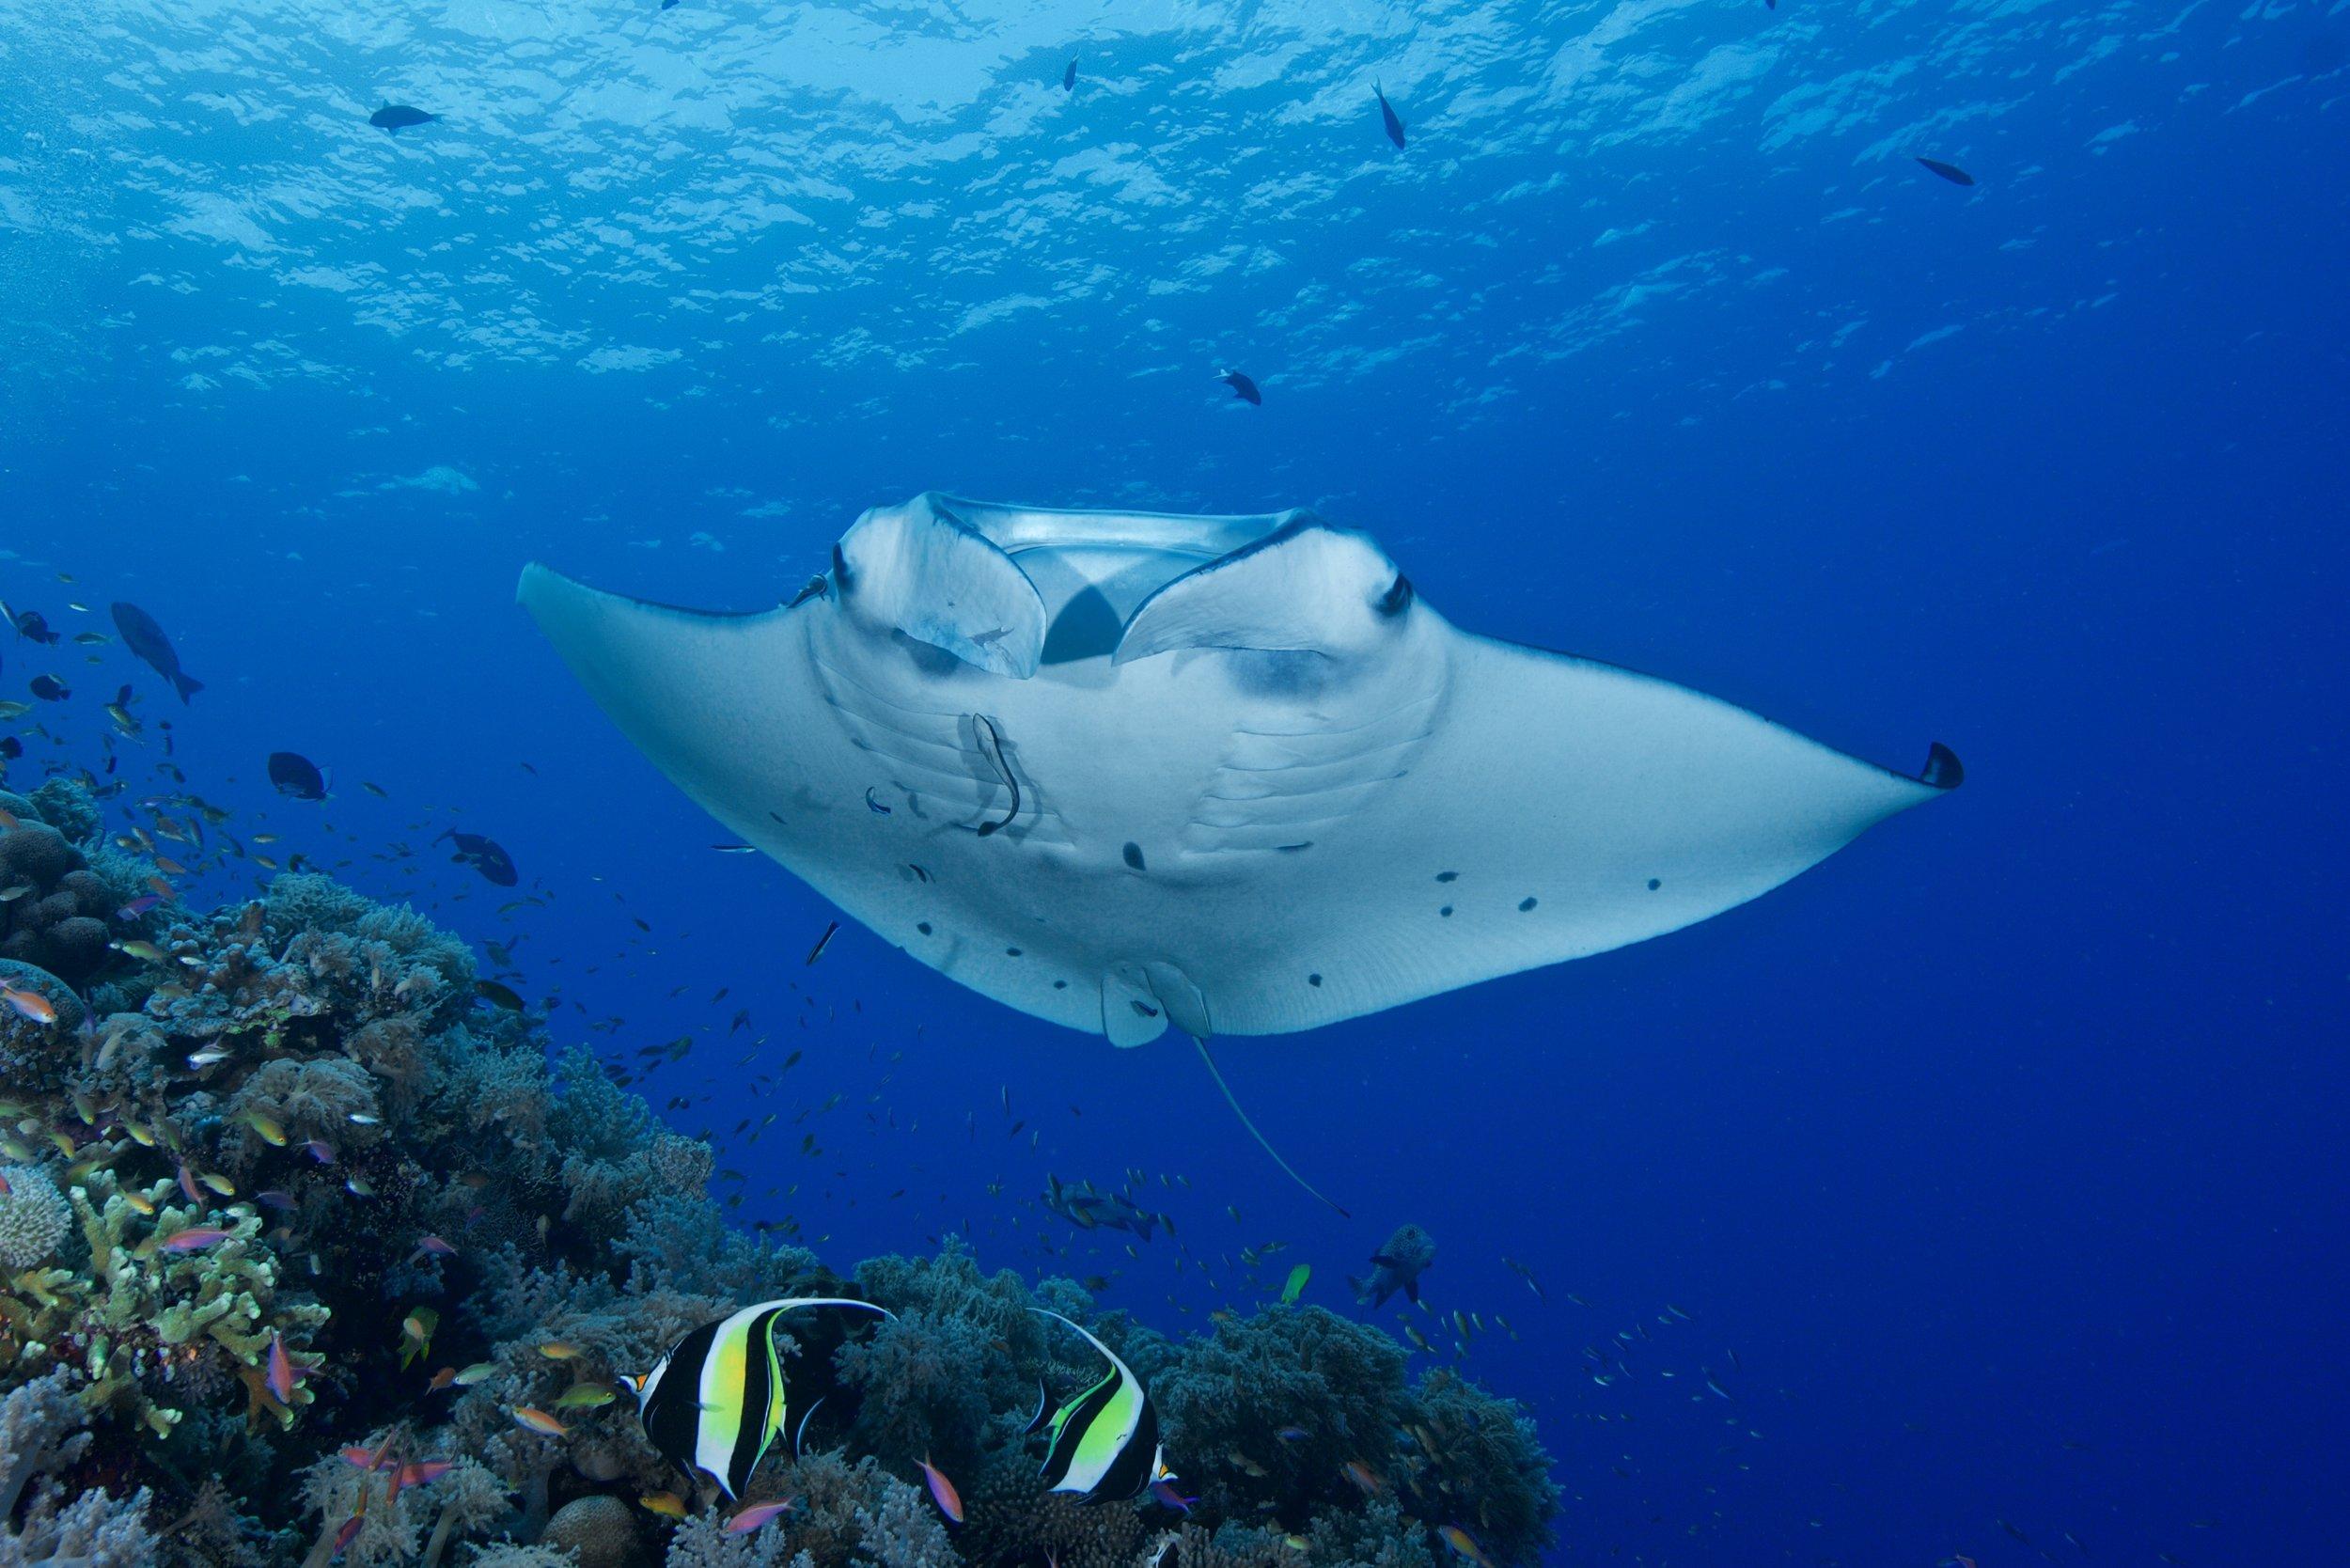 manta ray credit: gregory Piper / coral reef image bank